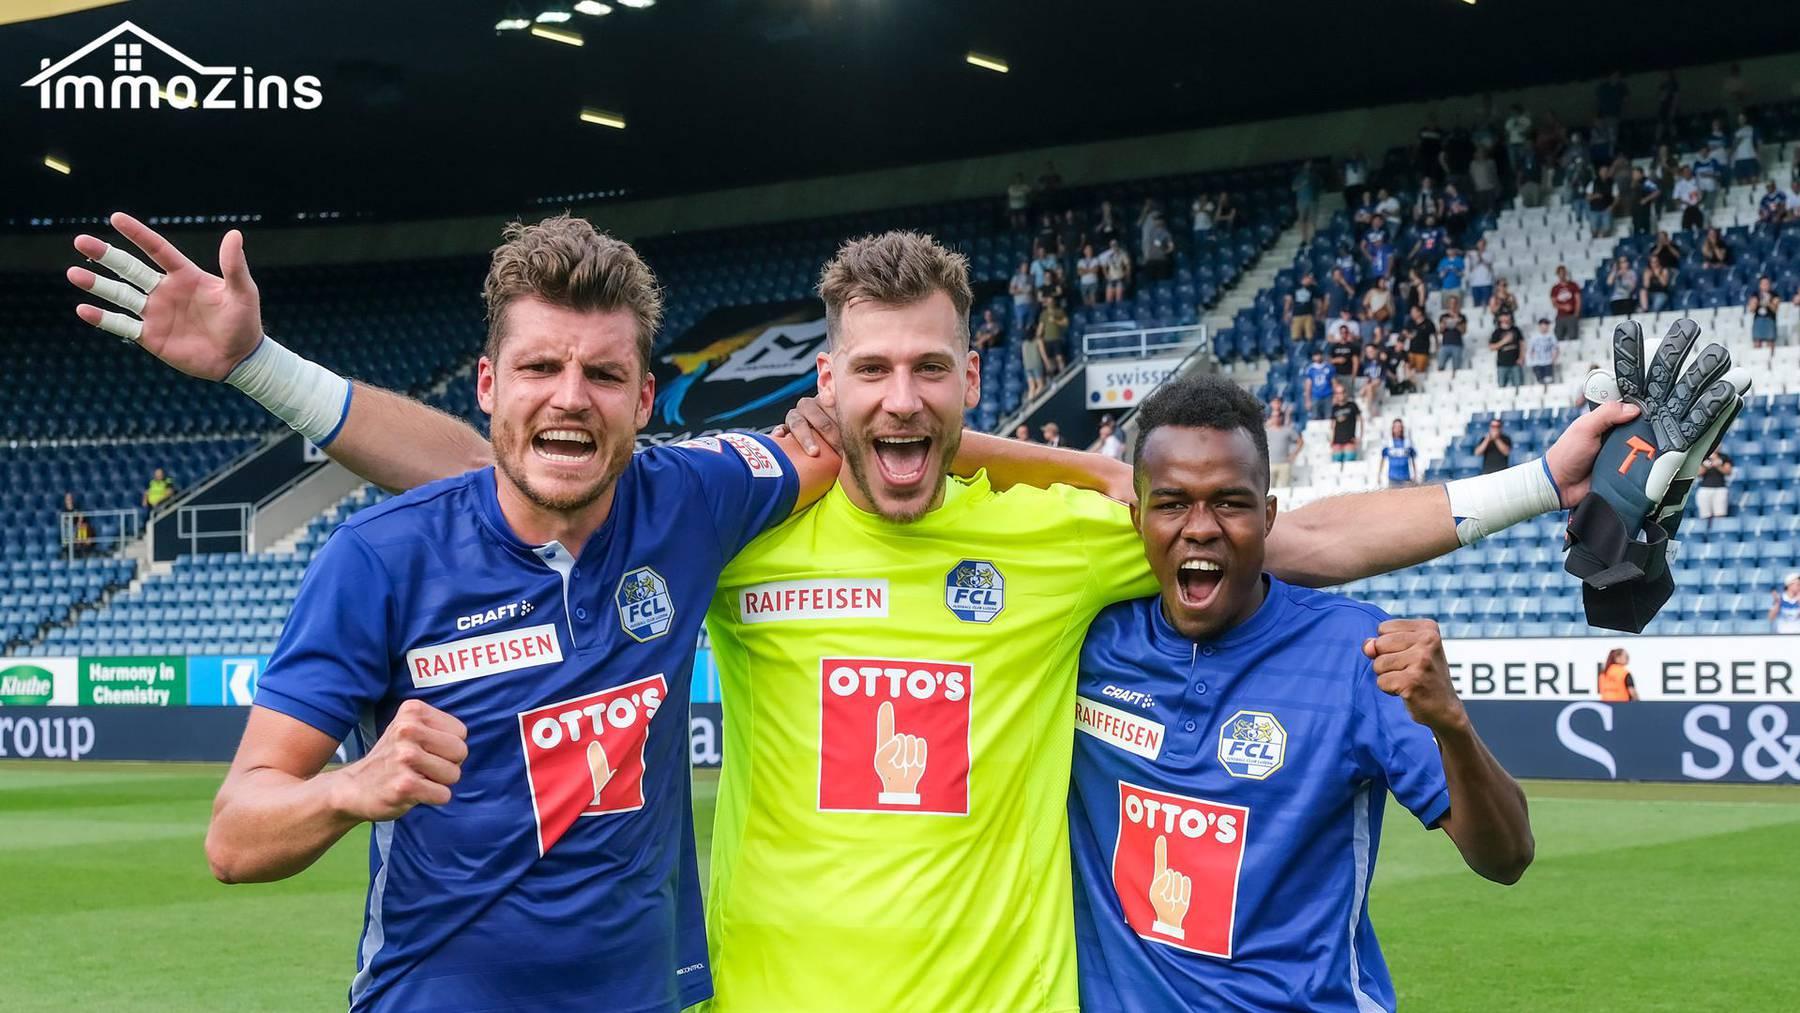 Die ImmoZins AG wird neuer Partner des FC Luzern